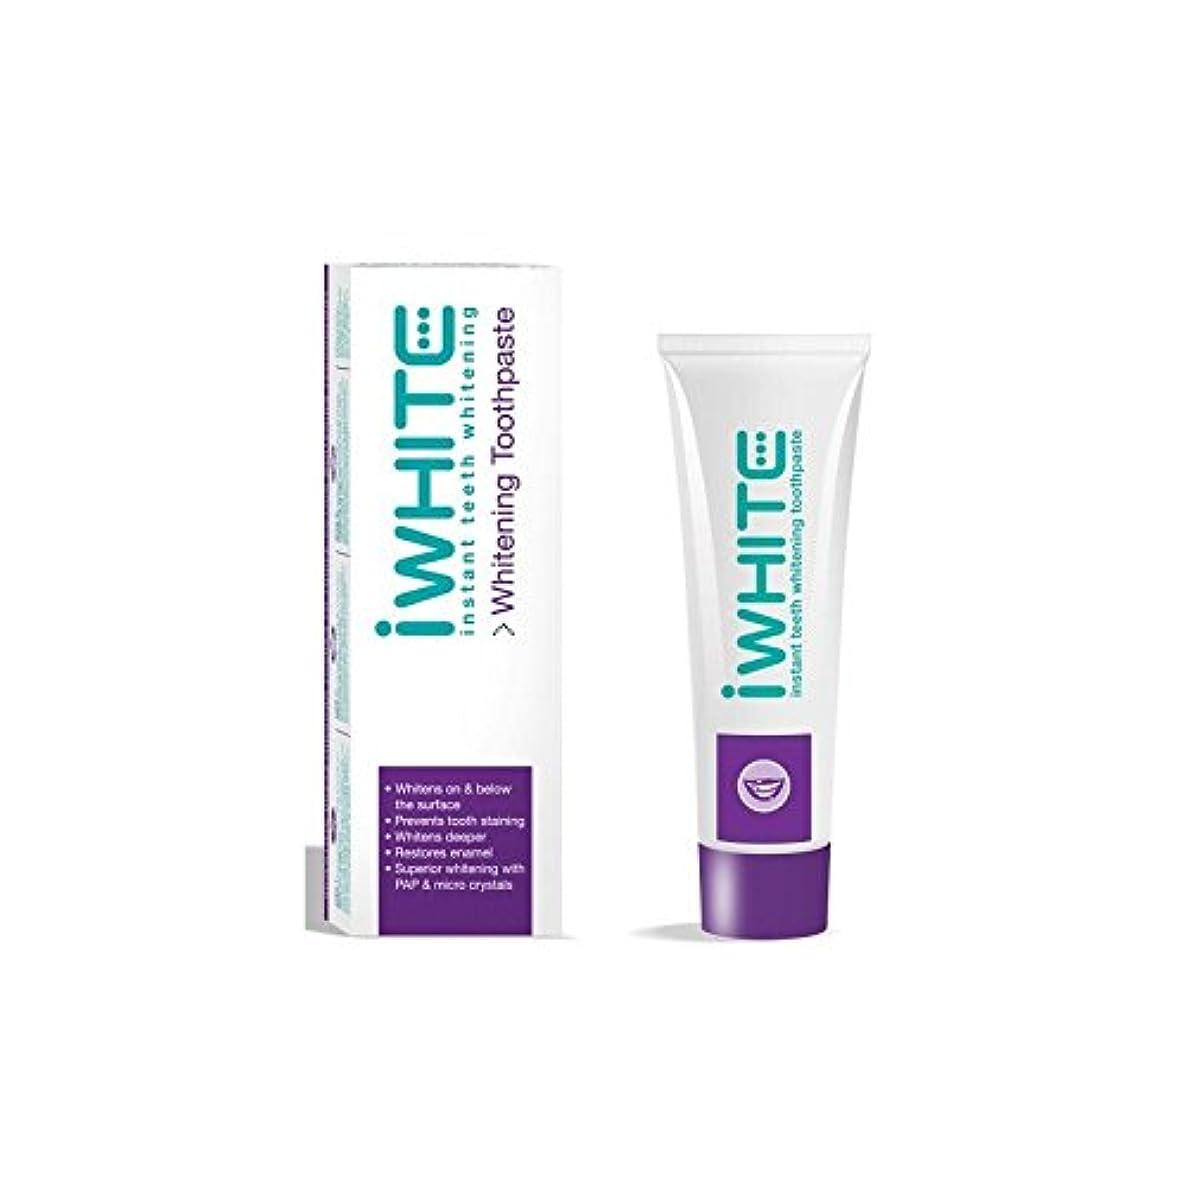 影響力のある納税者お手入れ歯磨き粉を白くインスタント歯(75ミリリットル) x2 - iWhite Instant Teeth Whitening Toothpaste (75ml) (Pack of 2) [並行輸入品]